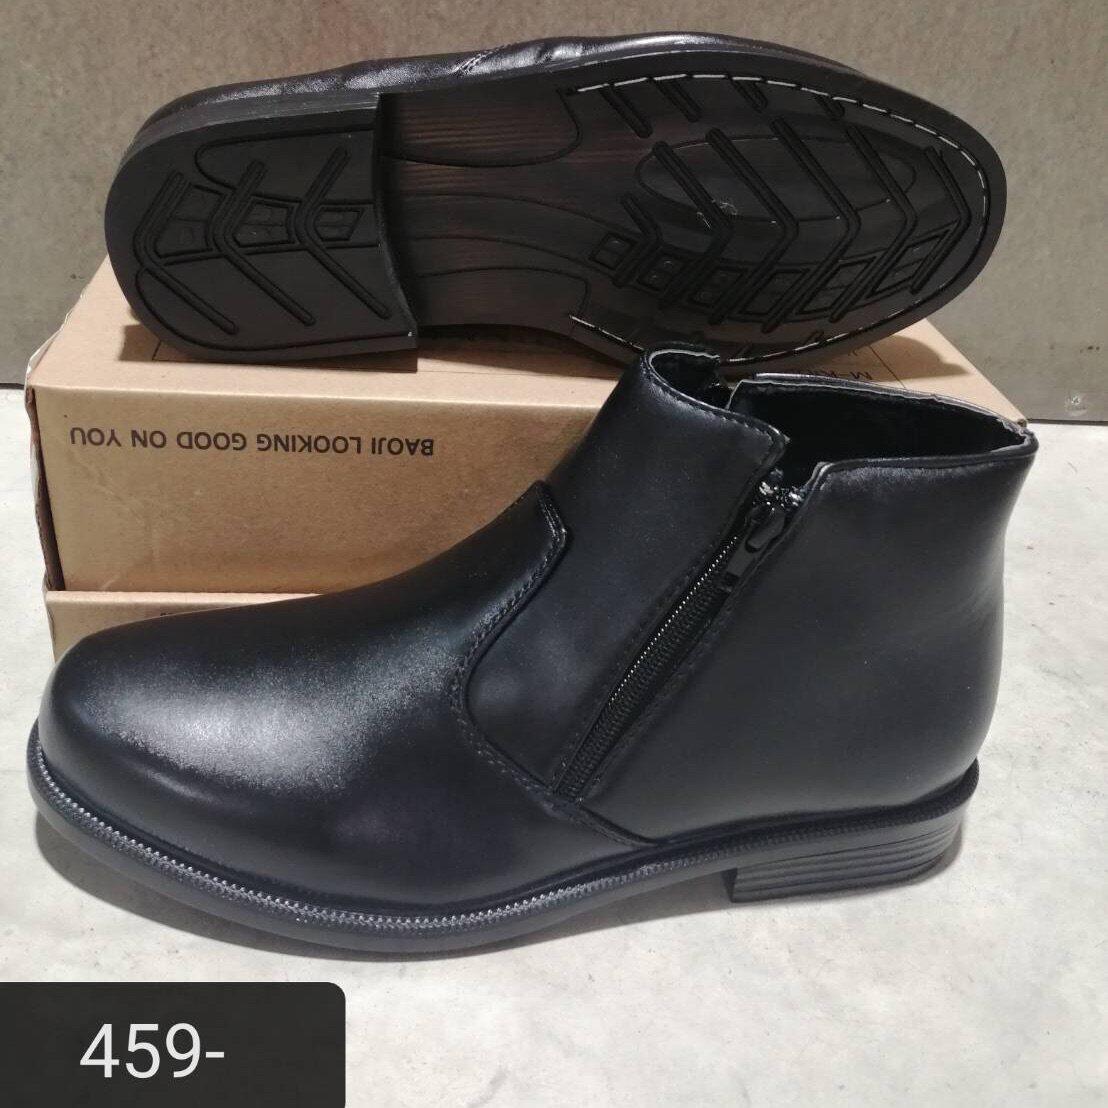 รองเท้าหนังหุ้มข้อชาย Gk164 ซิปข้าง พื้นเย็บ Size41-45.